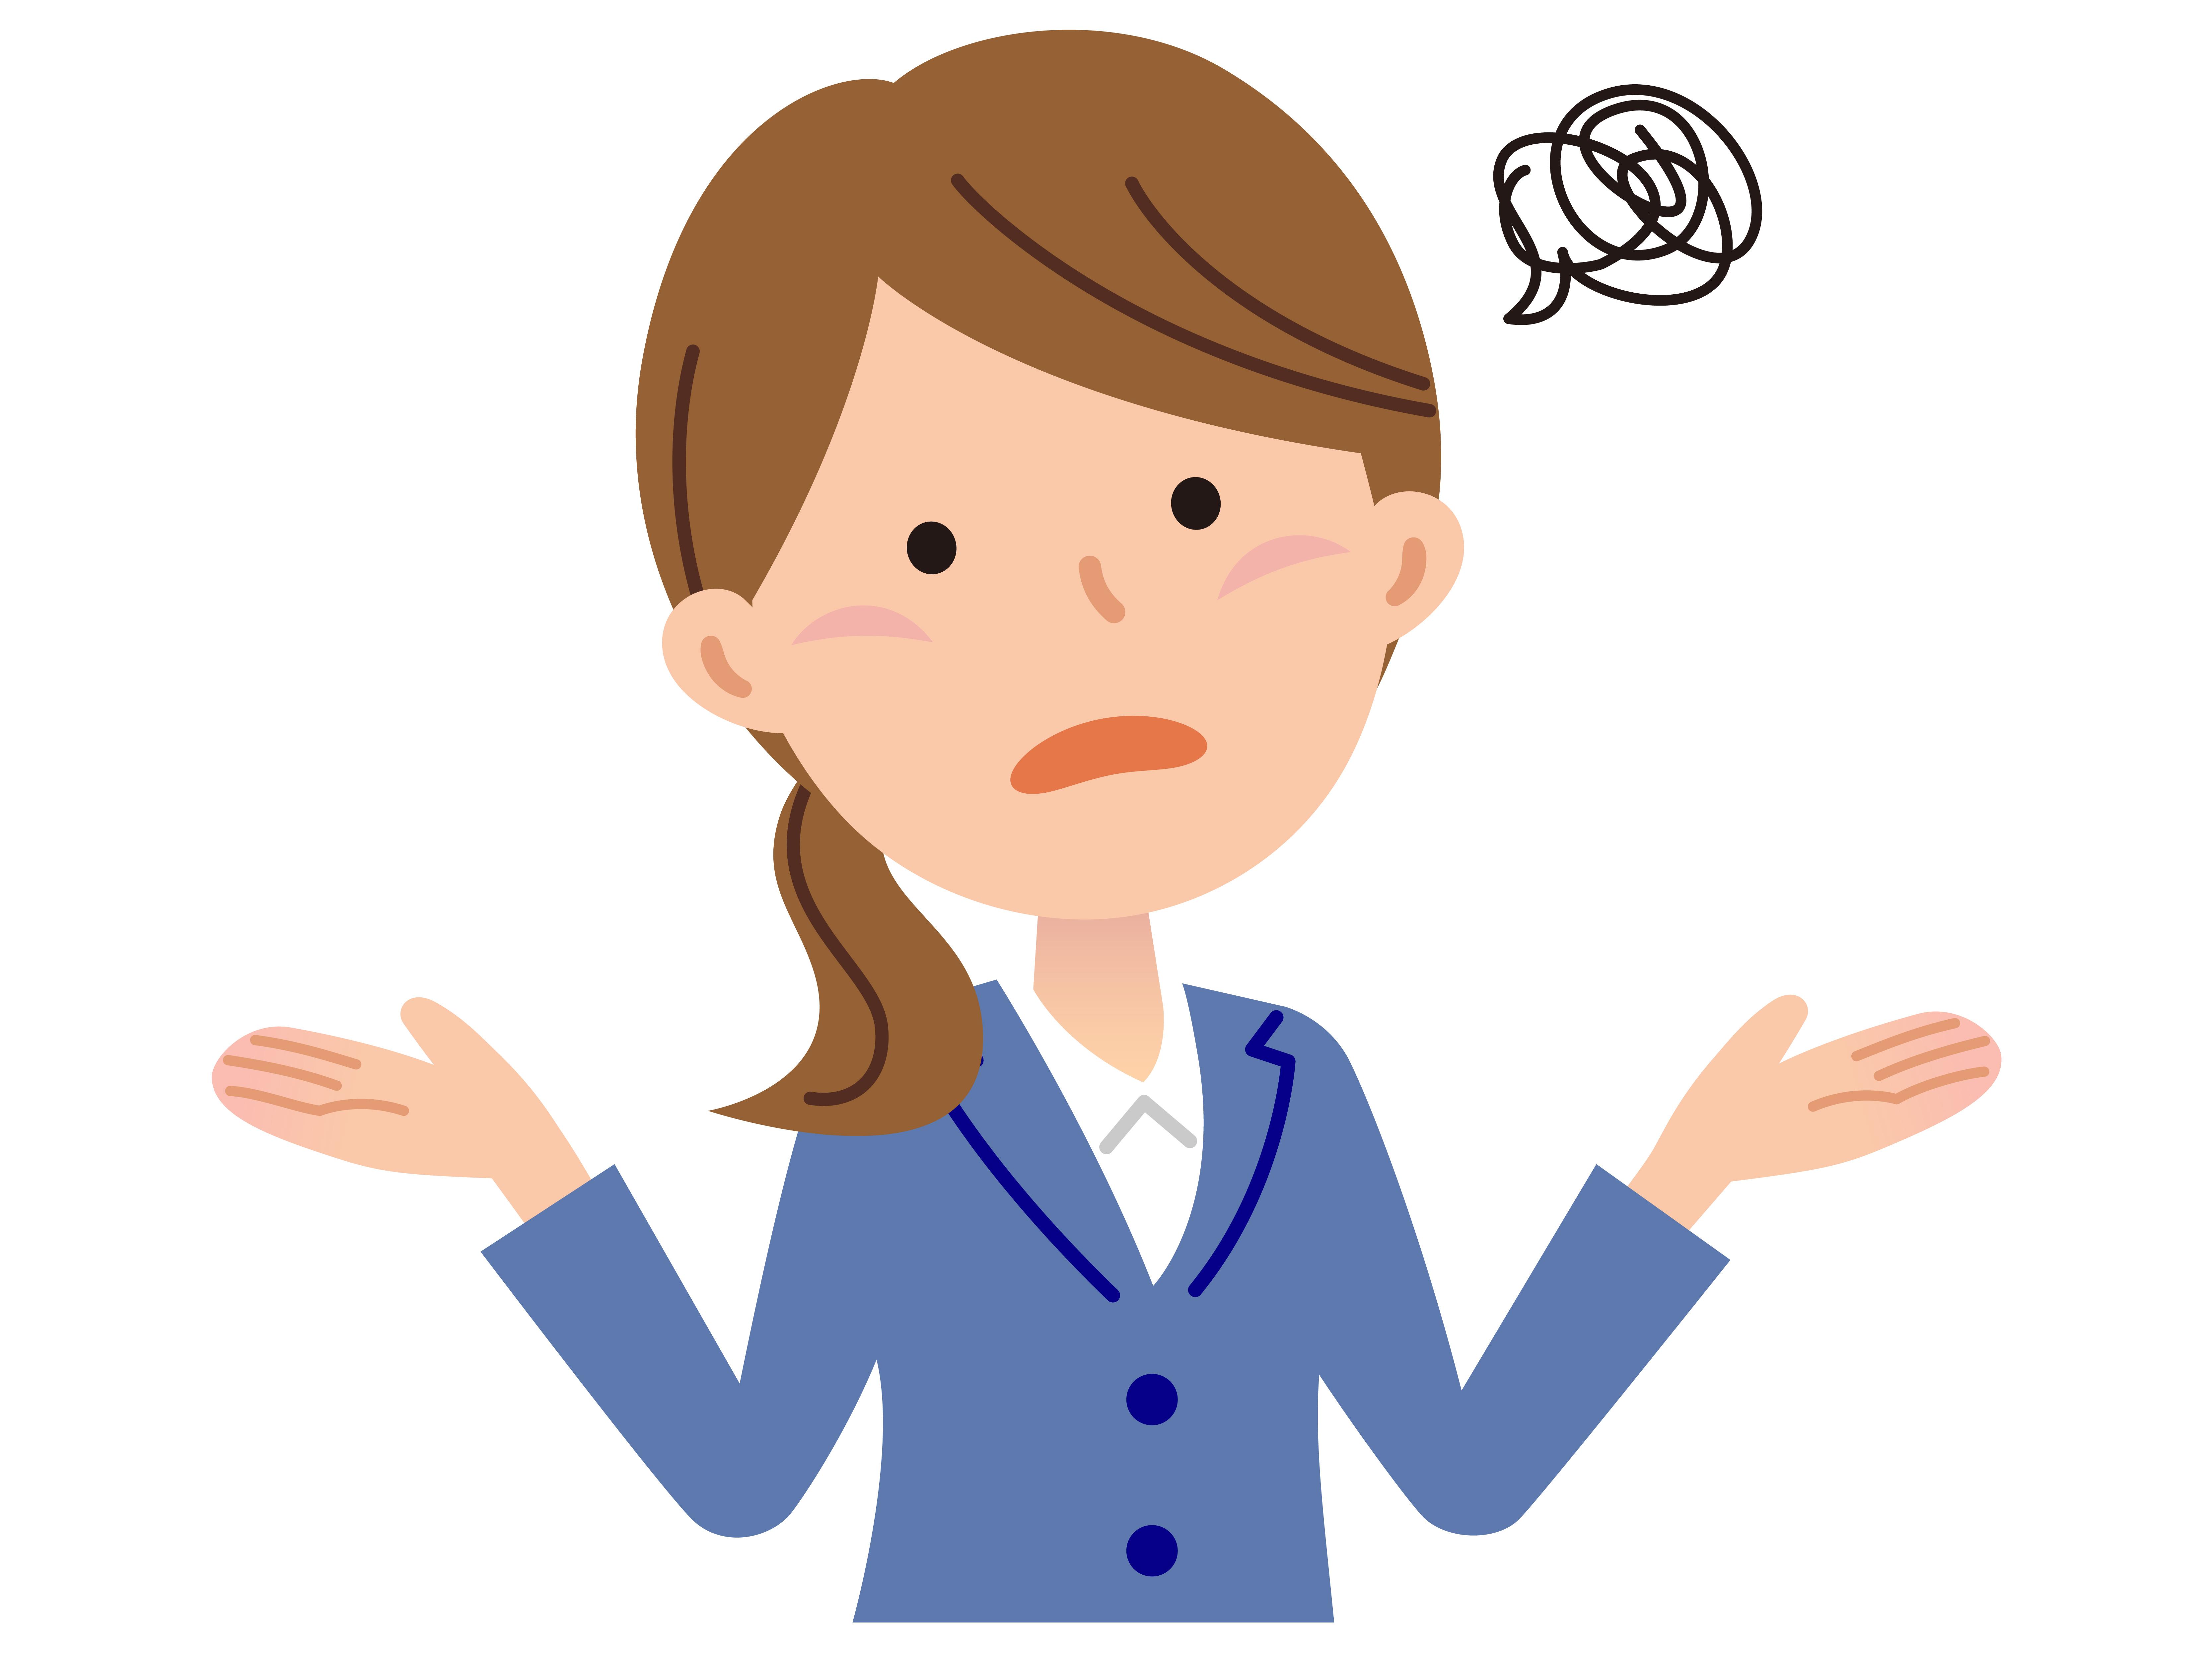 就職しても続かない発達障害の私。上司の指示が理解できない